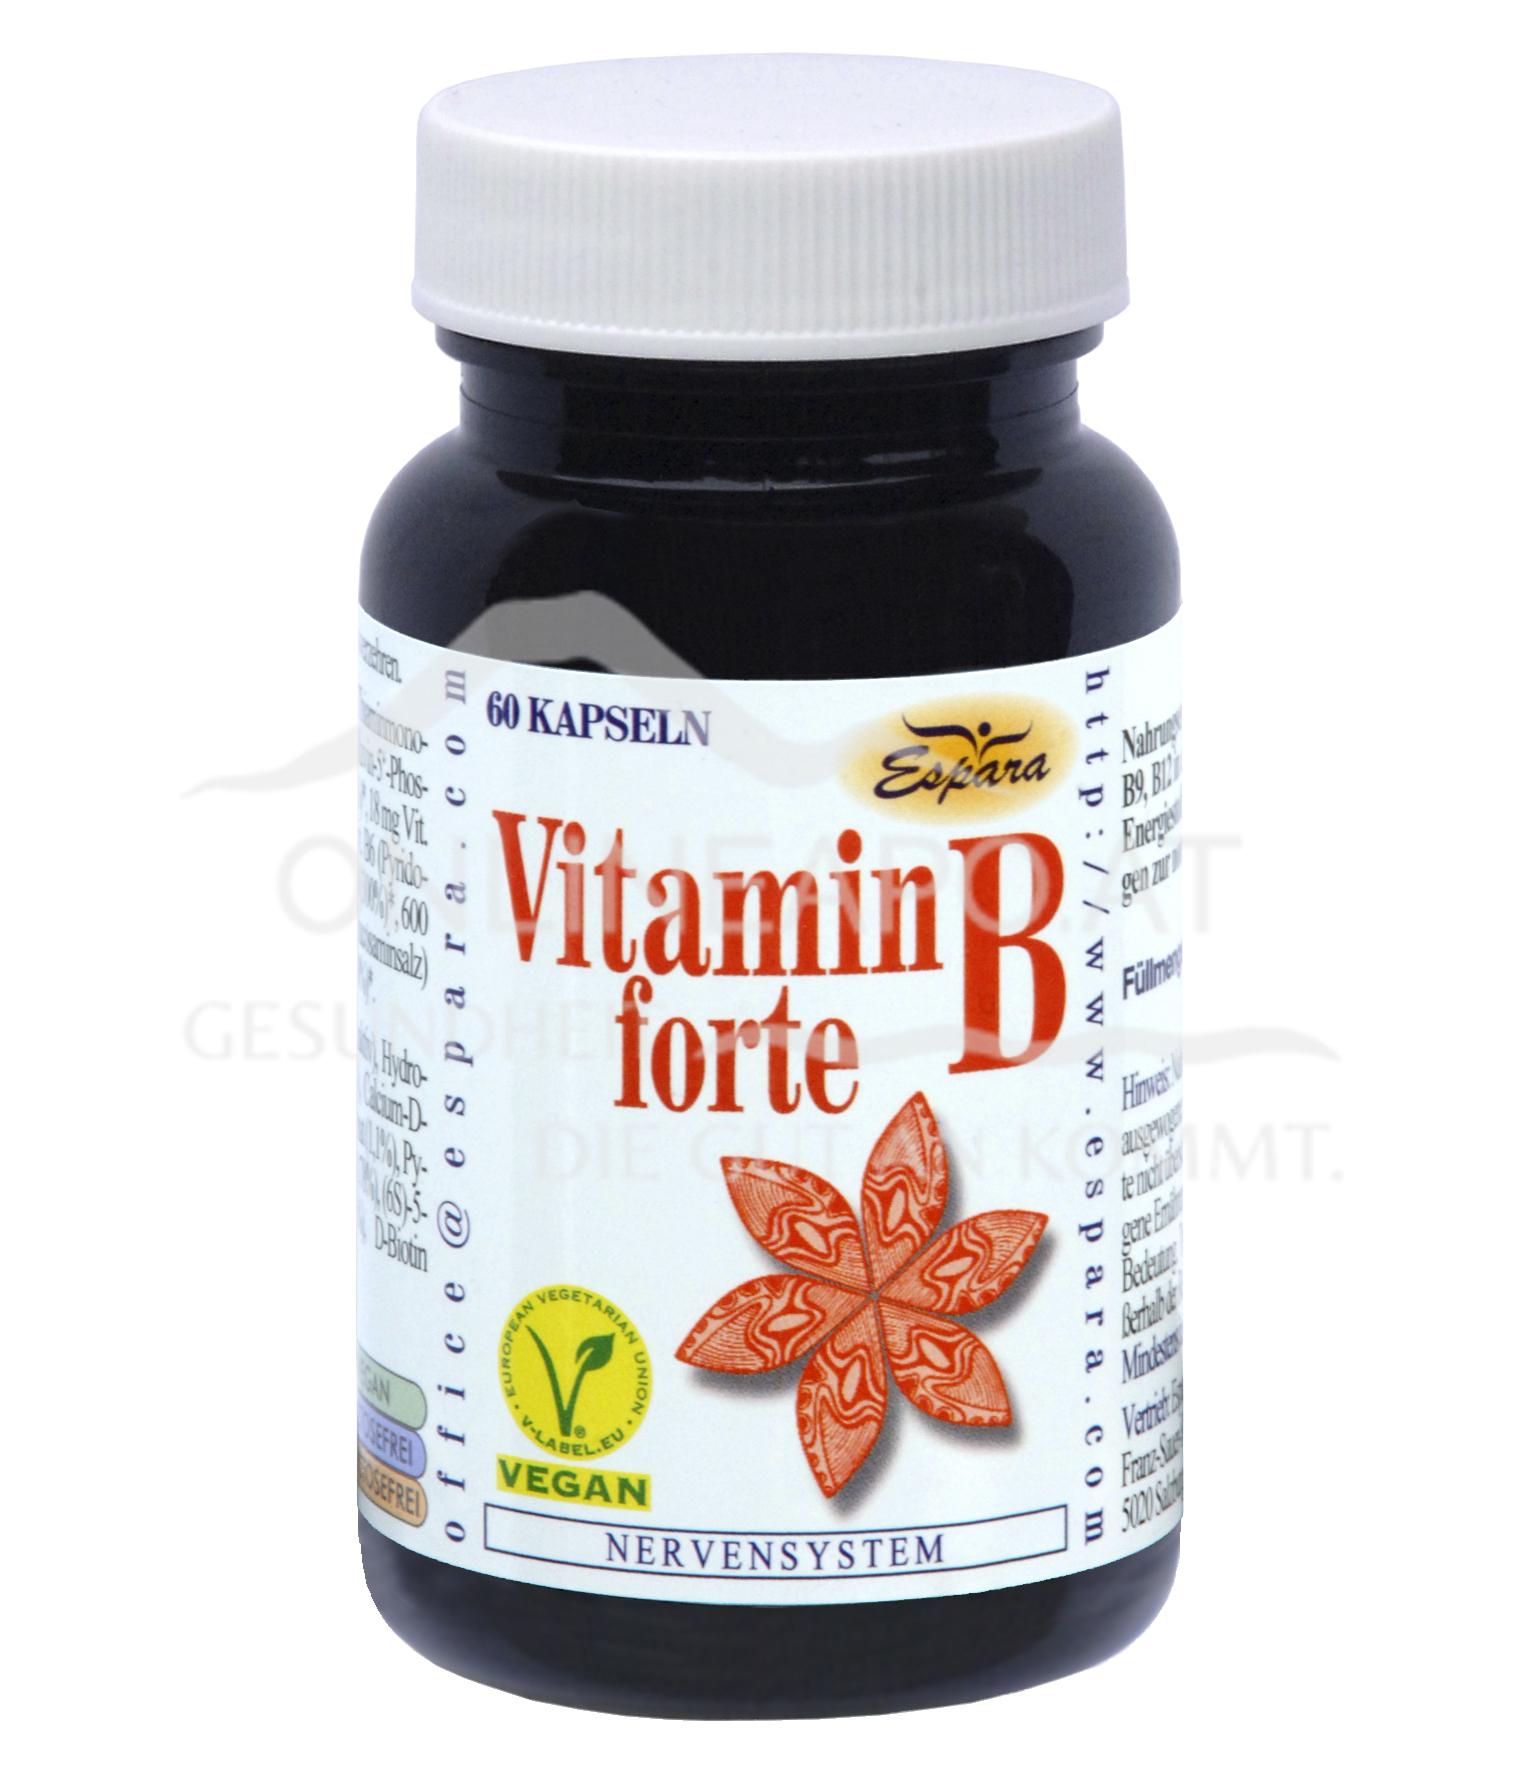 Espara Vitamin B forte Kapseln